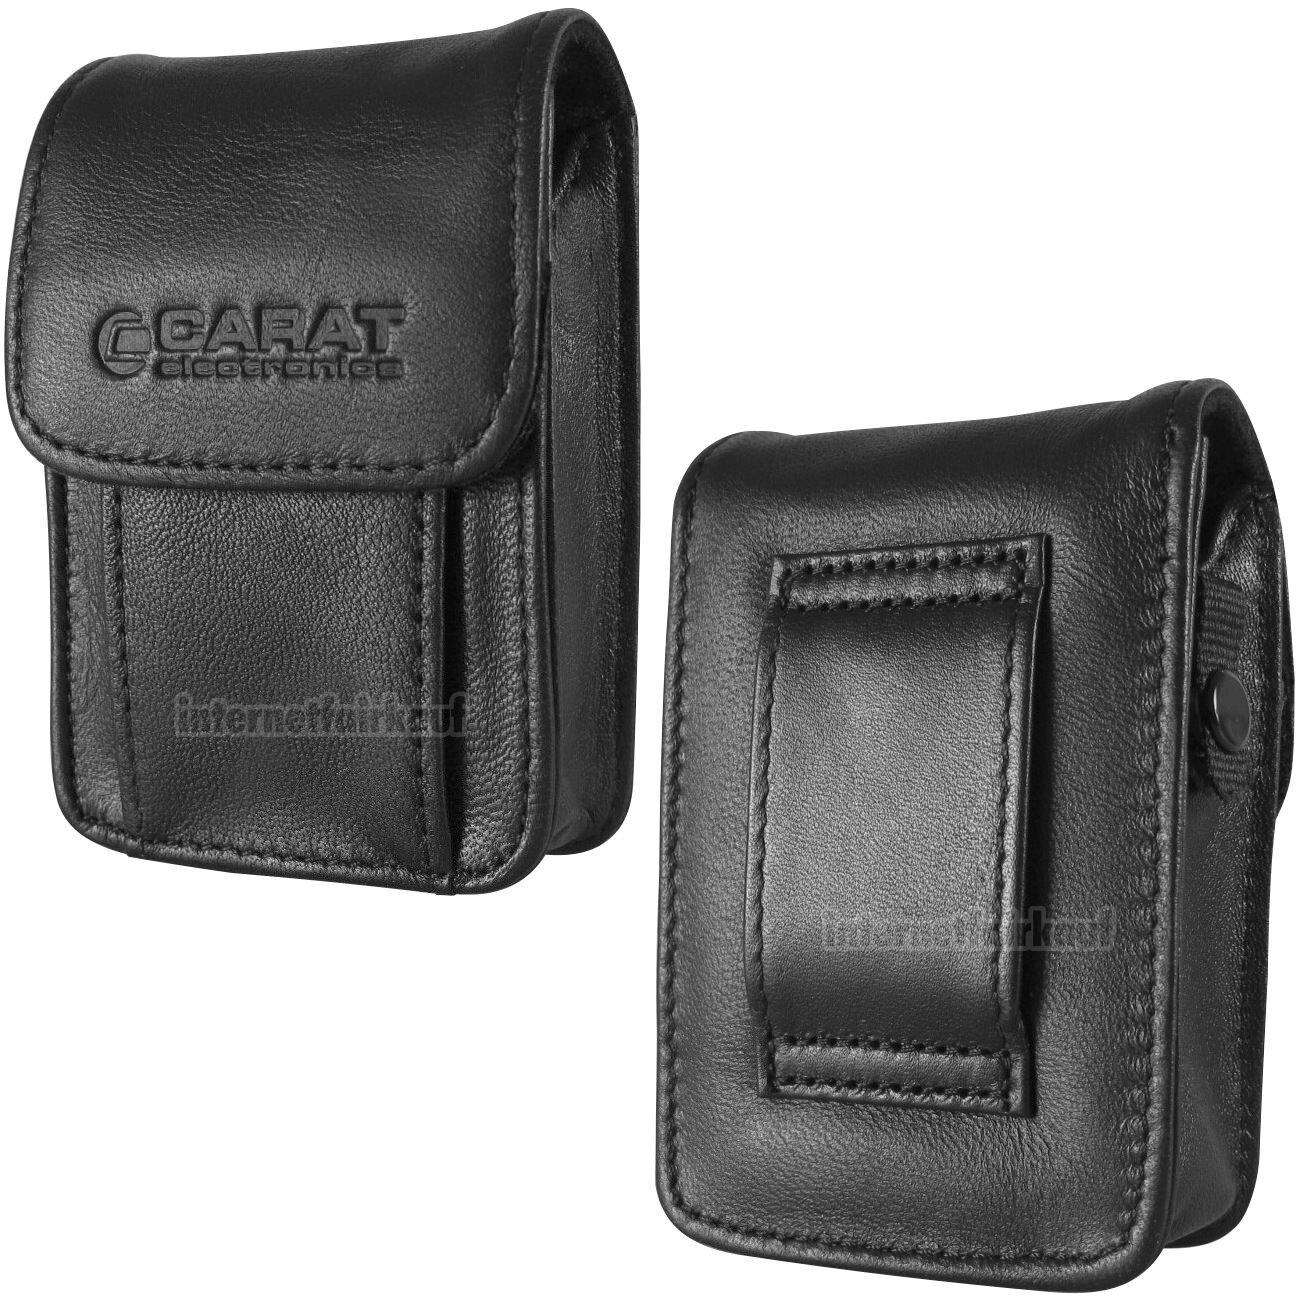 Tasche Kameratasche passend für Canon IXUS 950 IS 960 IS - Leder Etui